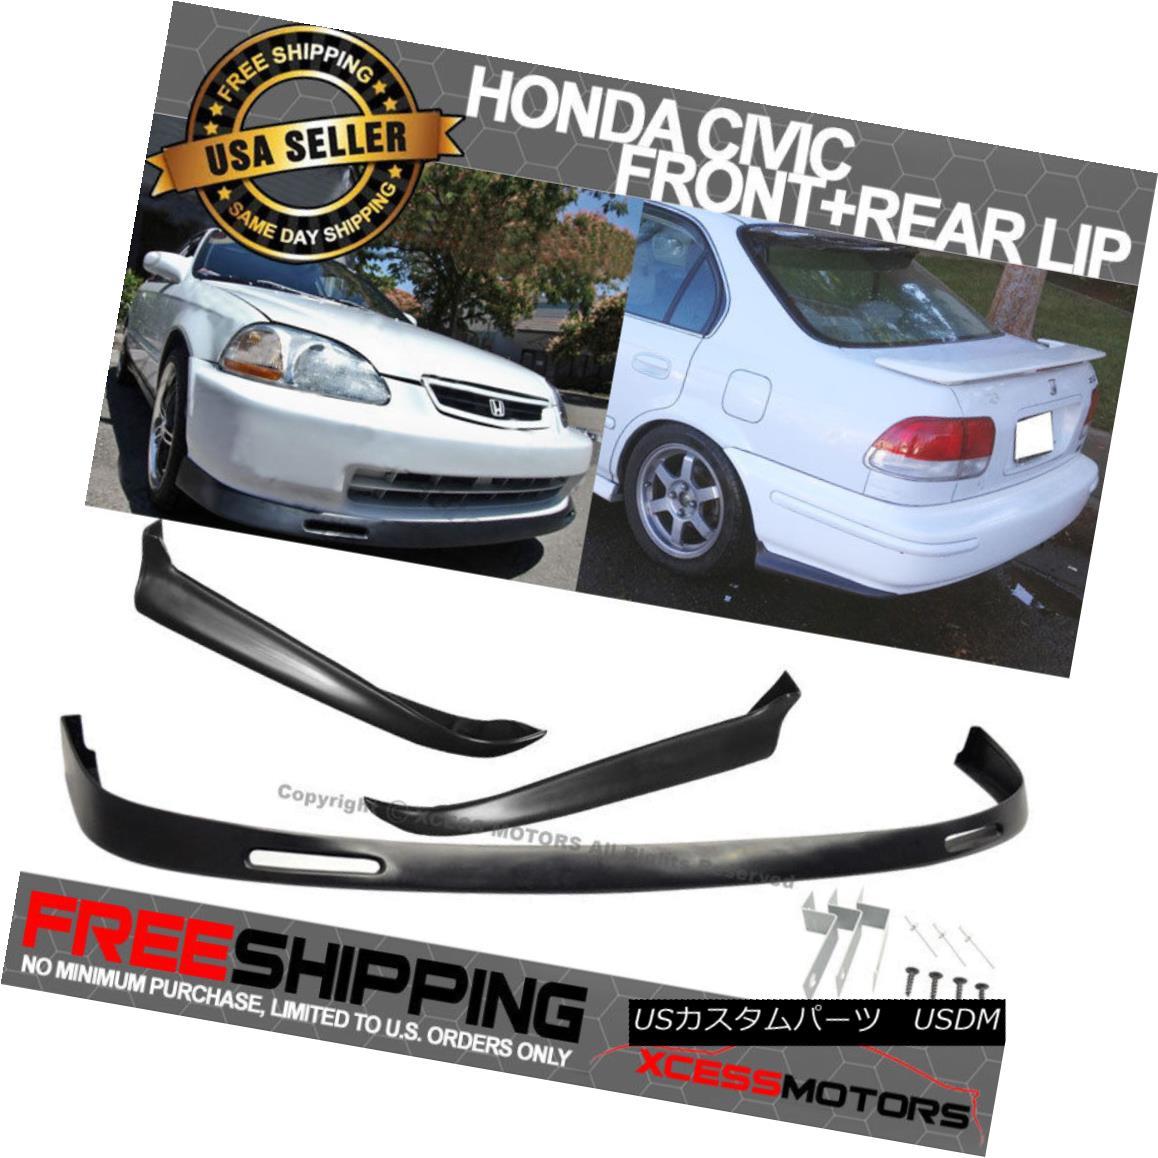 エアロパーツ Fits 96-98 Civic EK 2/4Dr BYS PU Front Bumper Lip + Valance Spats 2Pc Rear Lip フィット96-98シビックEK 2 / 4Dr BYS PUフロントバンパーリップ+ヴァランススピッツ2Pcリアリップ